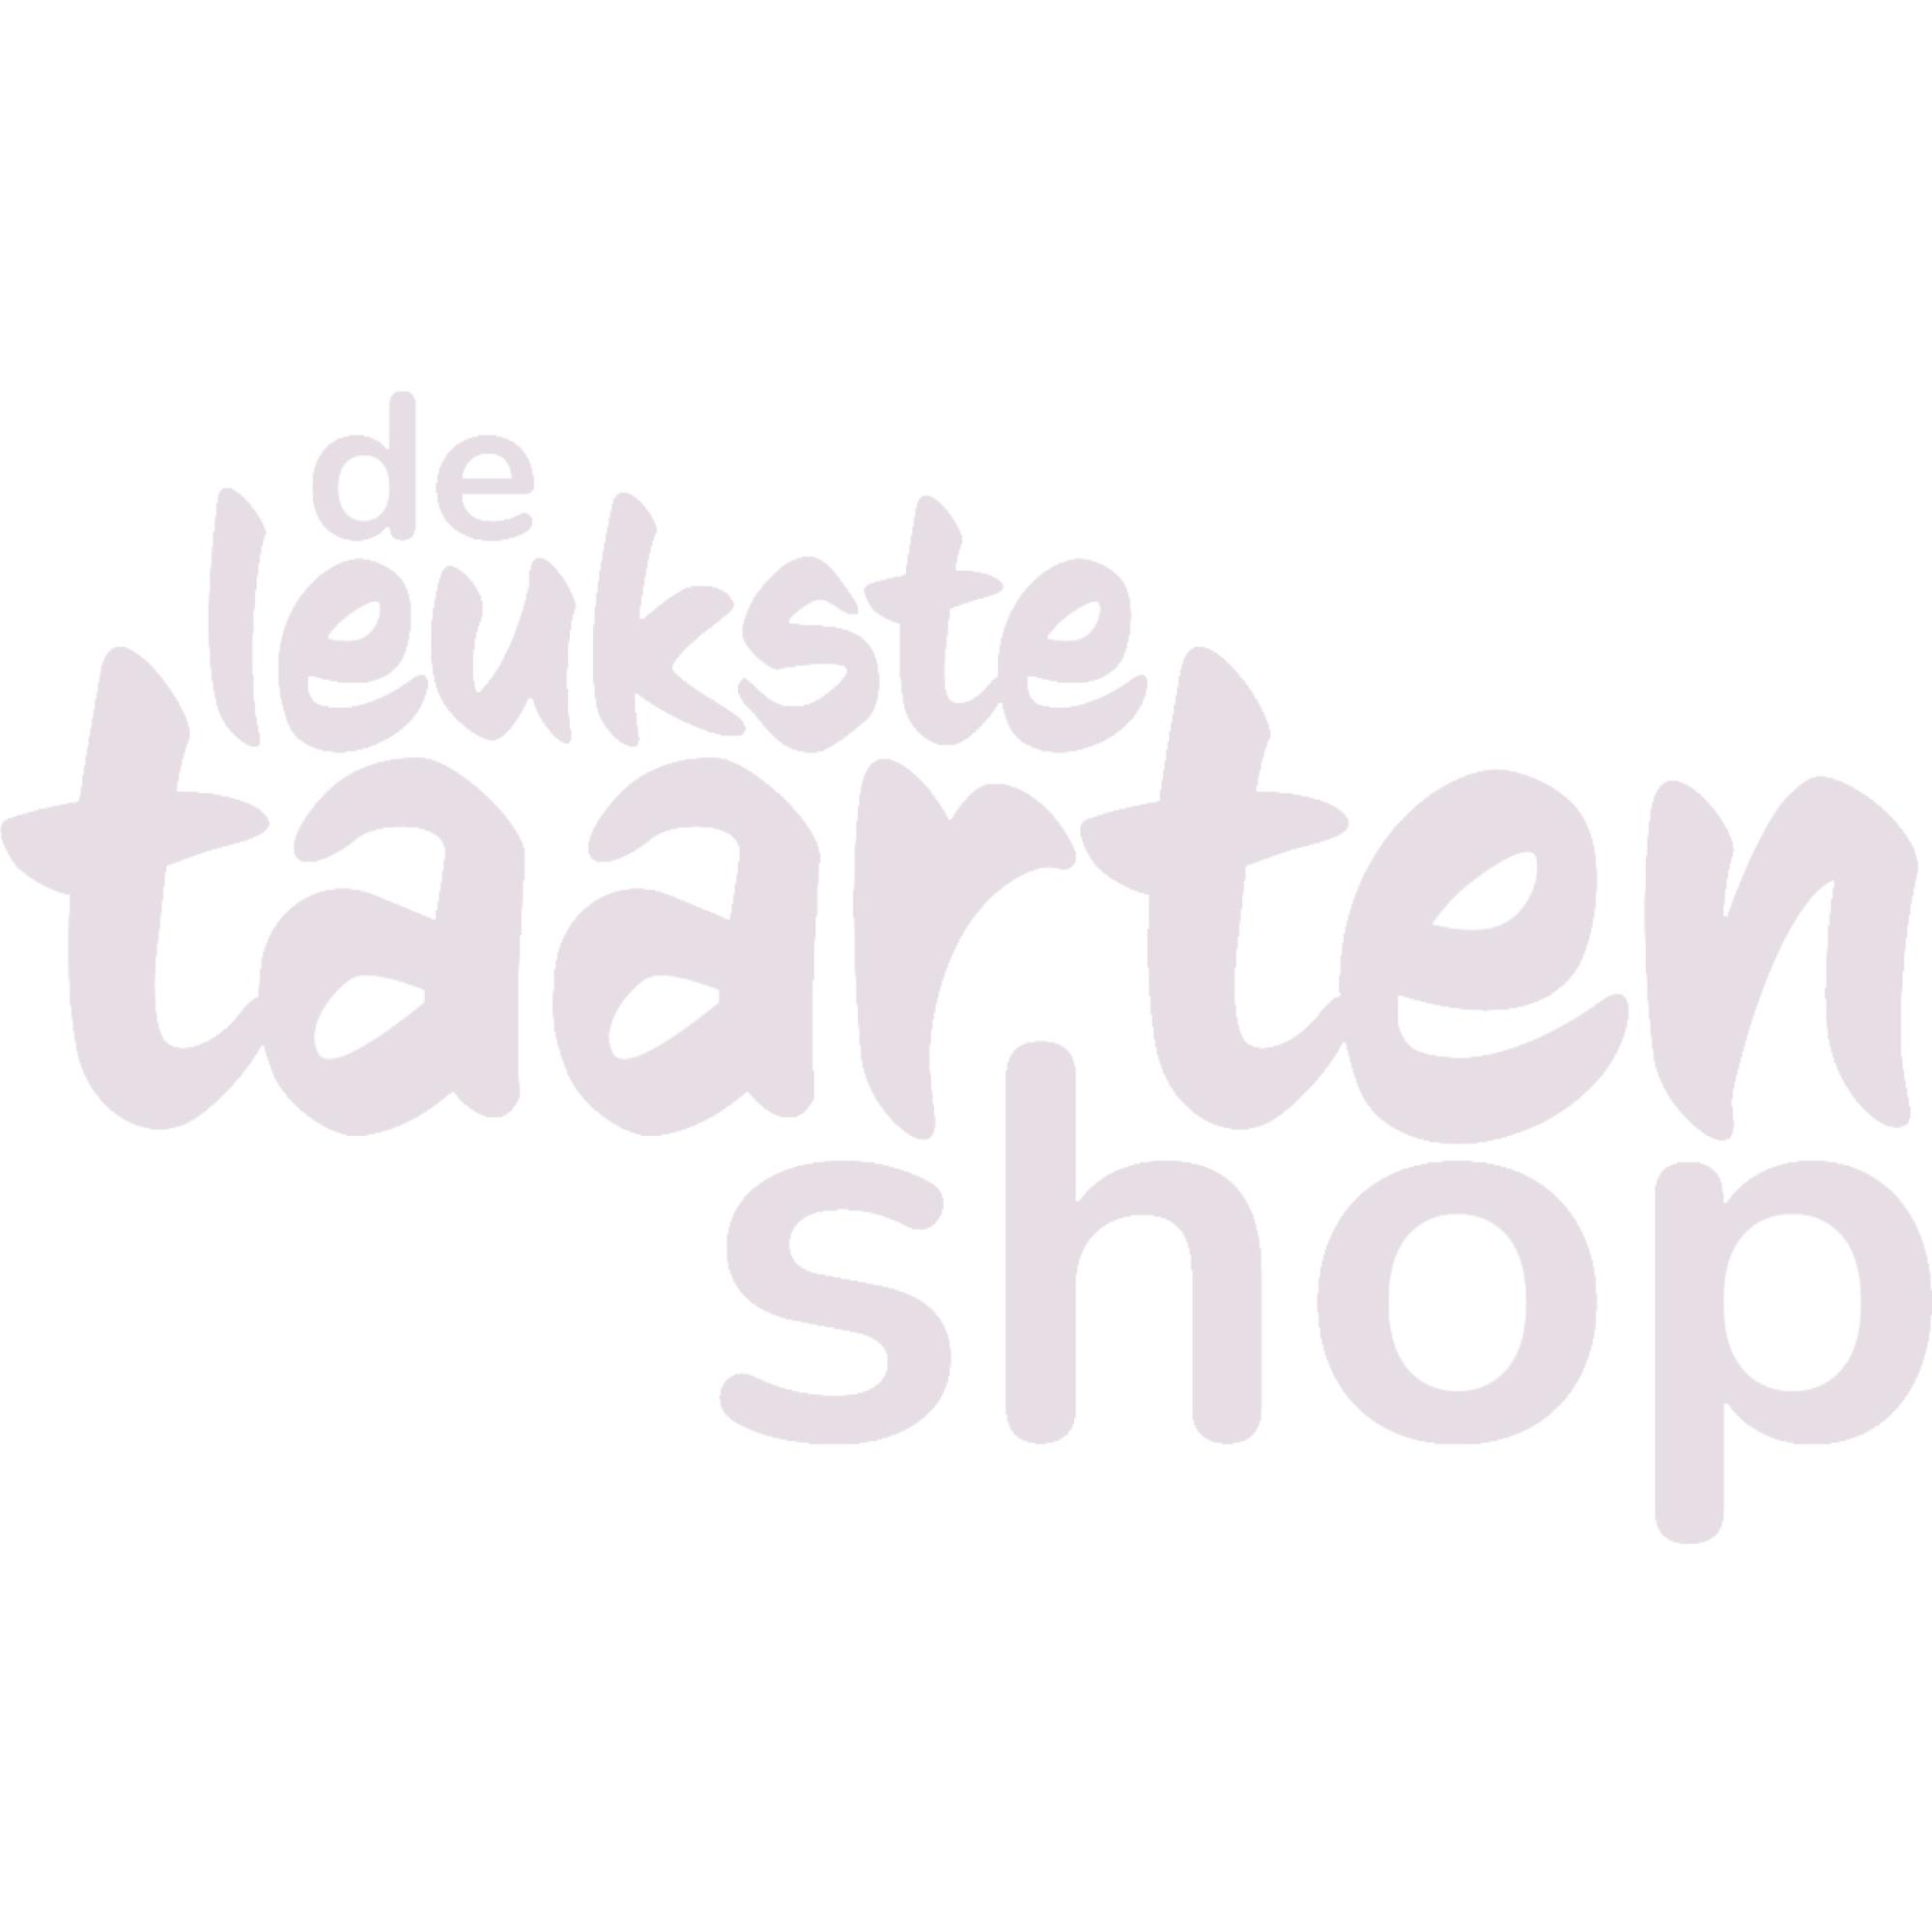 Wonderlijk Recept: Oreo-ijstaart | Deleukstetaartenshop.nl OS-25